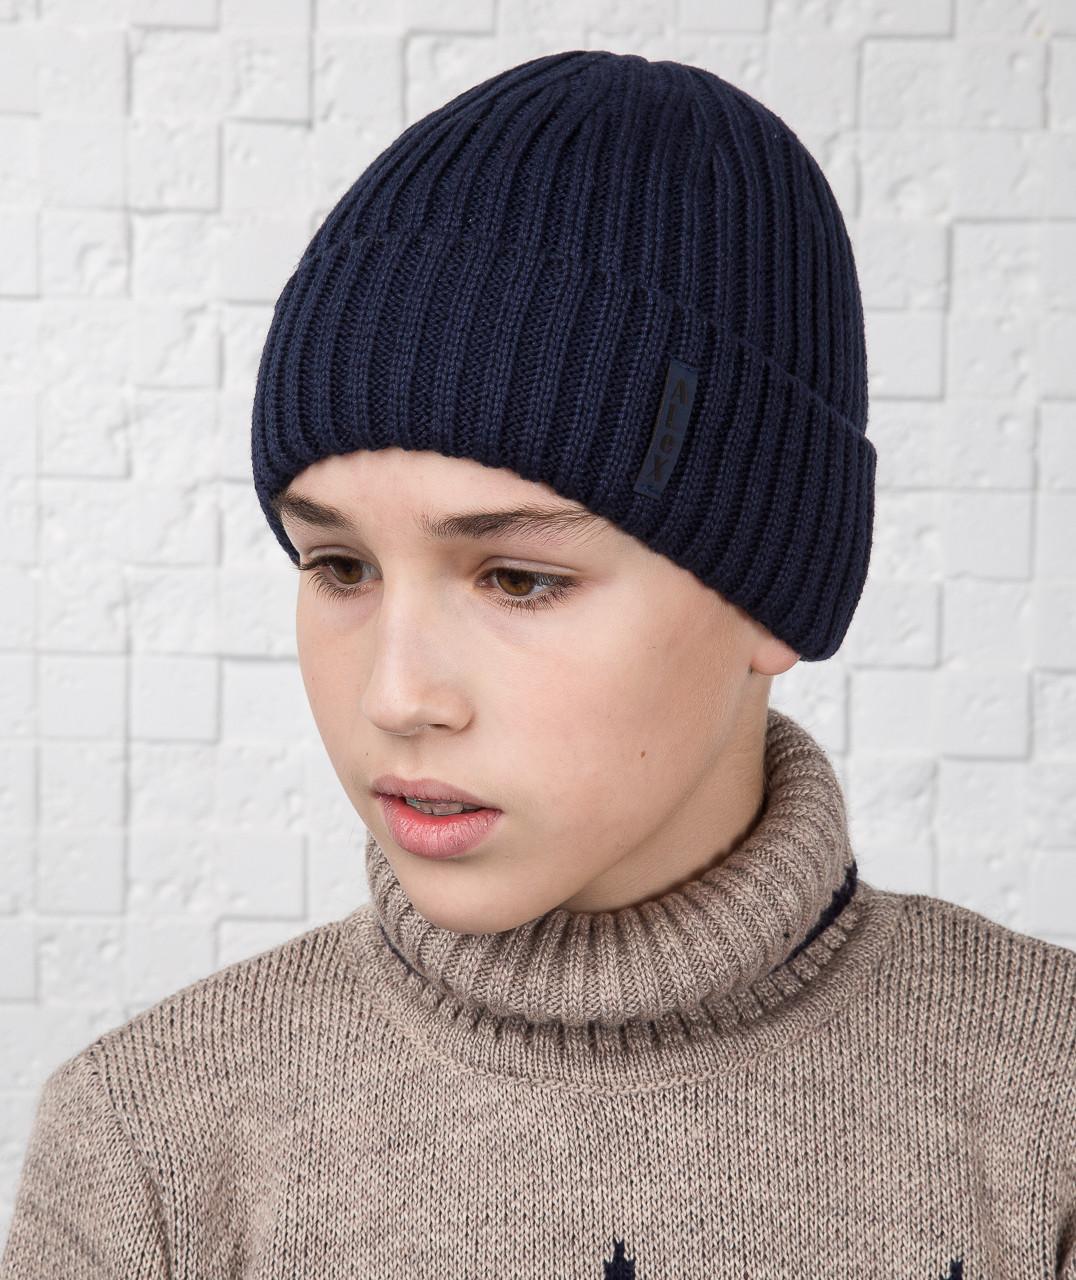 Шапка для мальчика подростка с подкачкой на флисе - Артикул AL17030